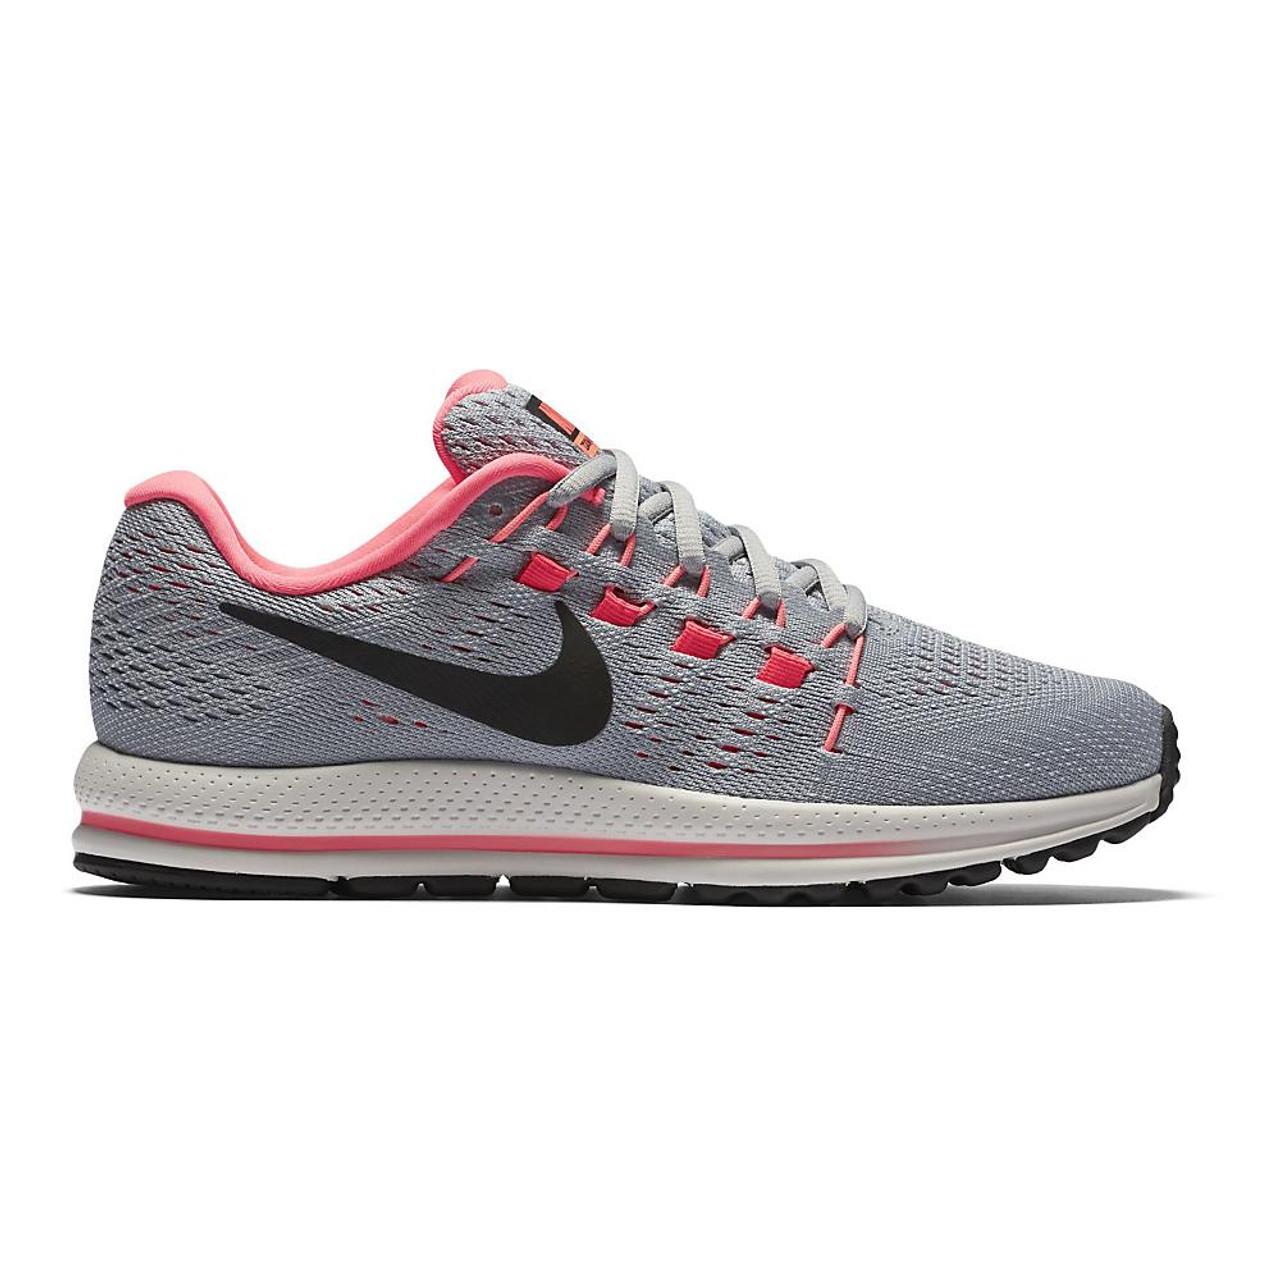 Women's Nike Air Zoom Vomero 12